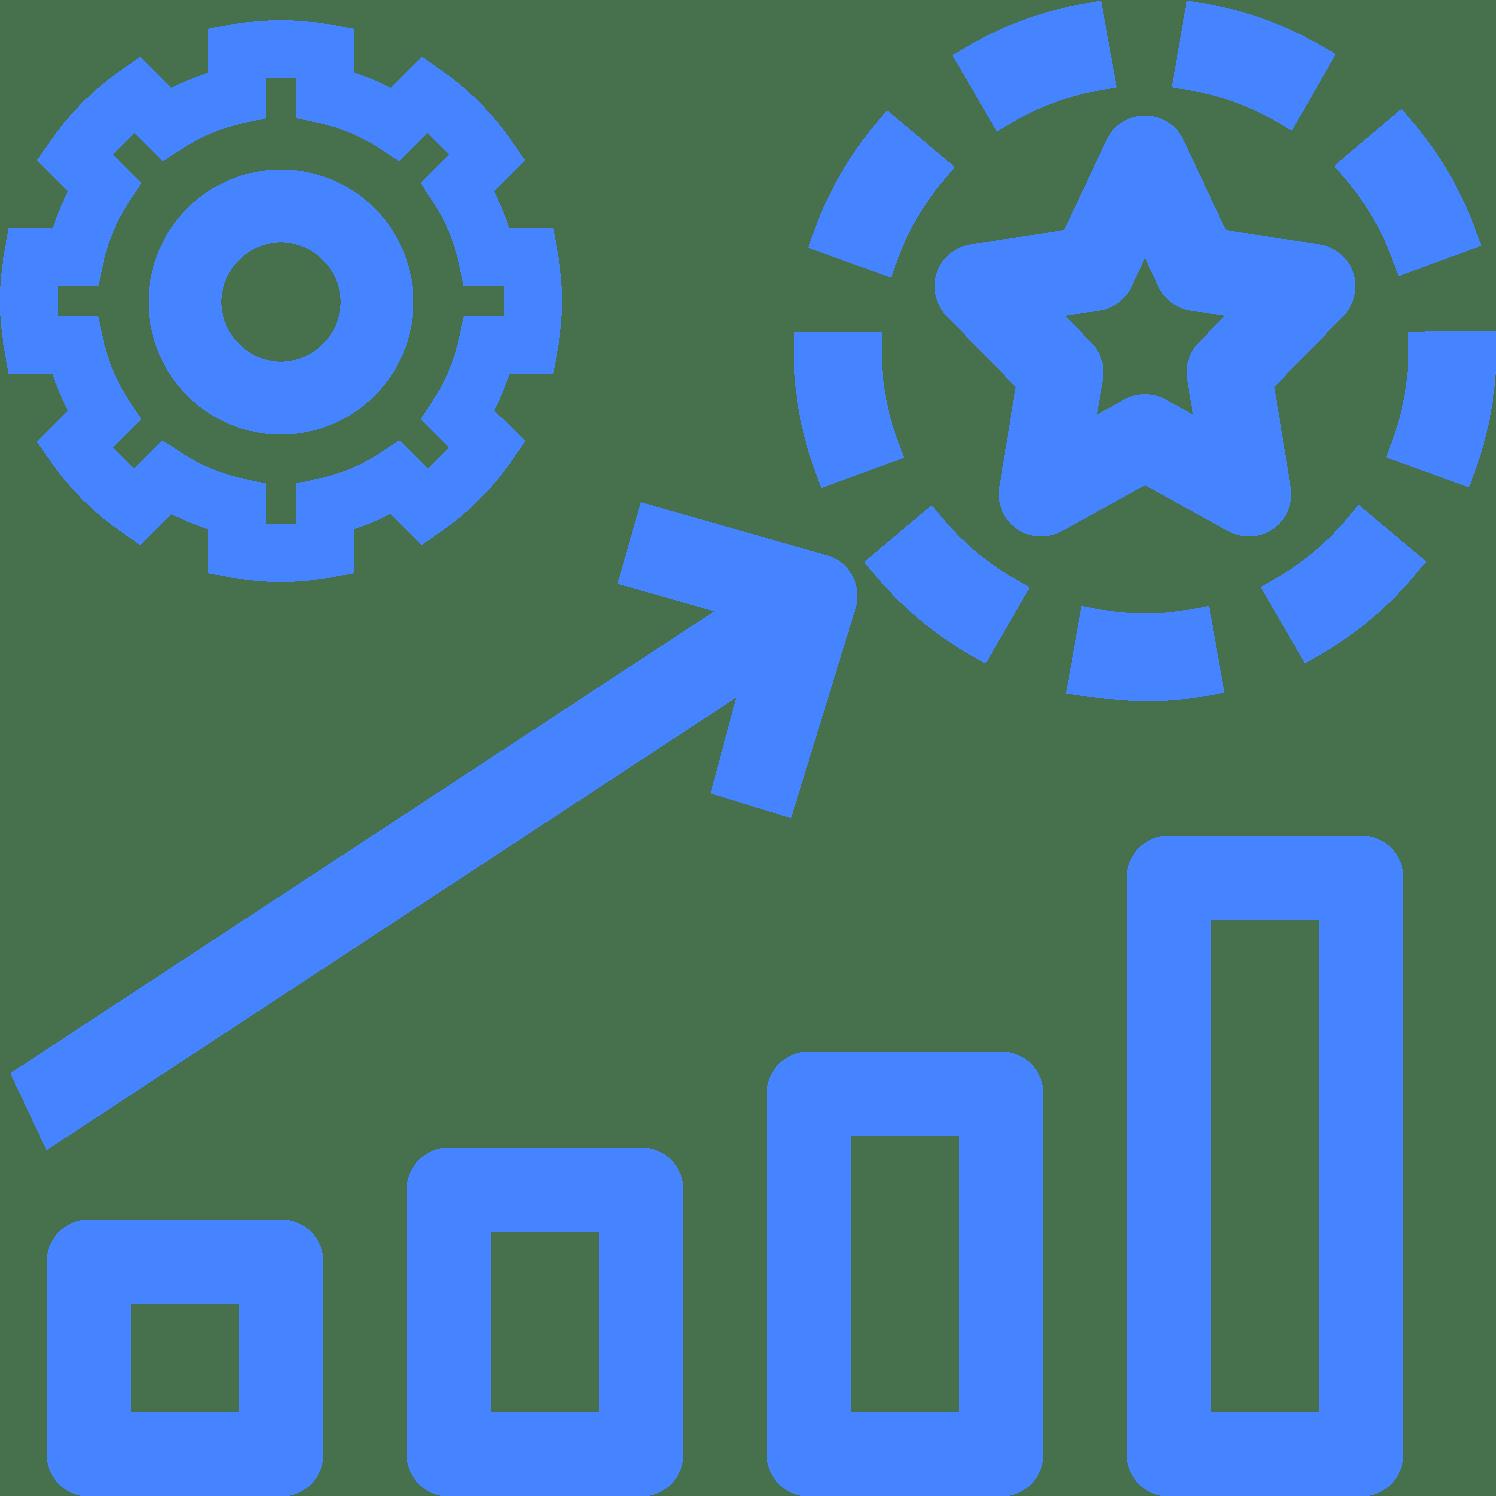 Qa_ImporvedEnvironment_Icon